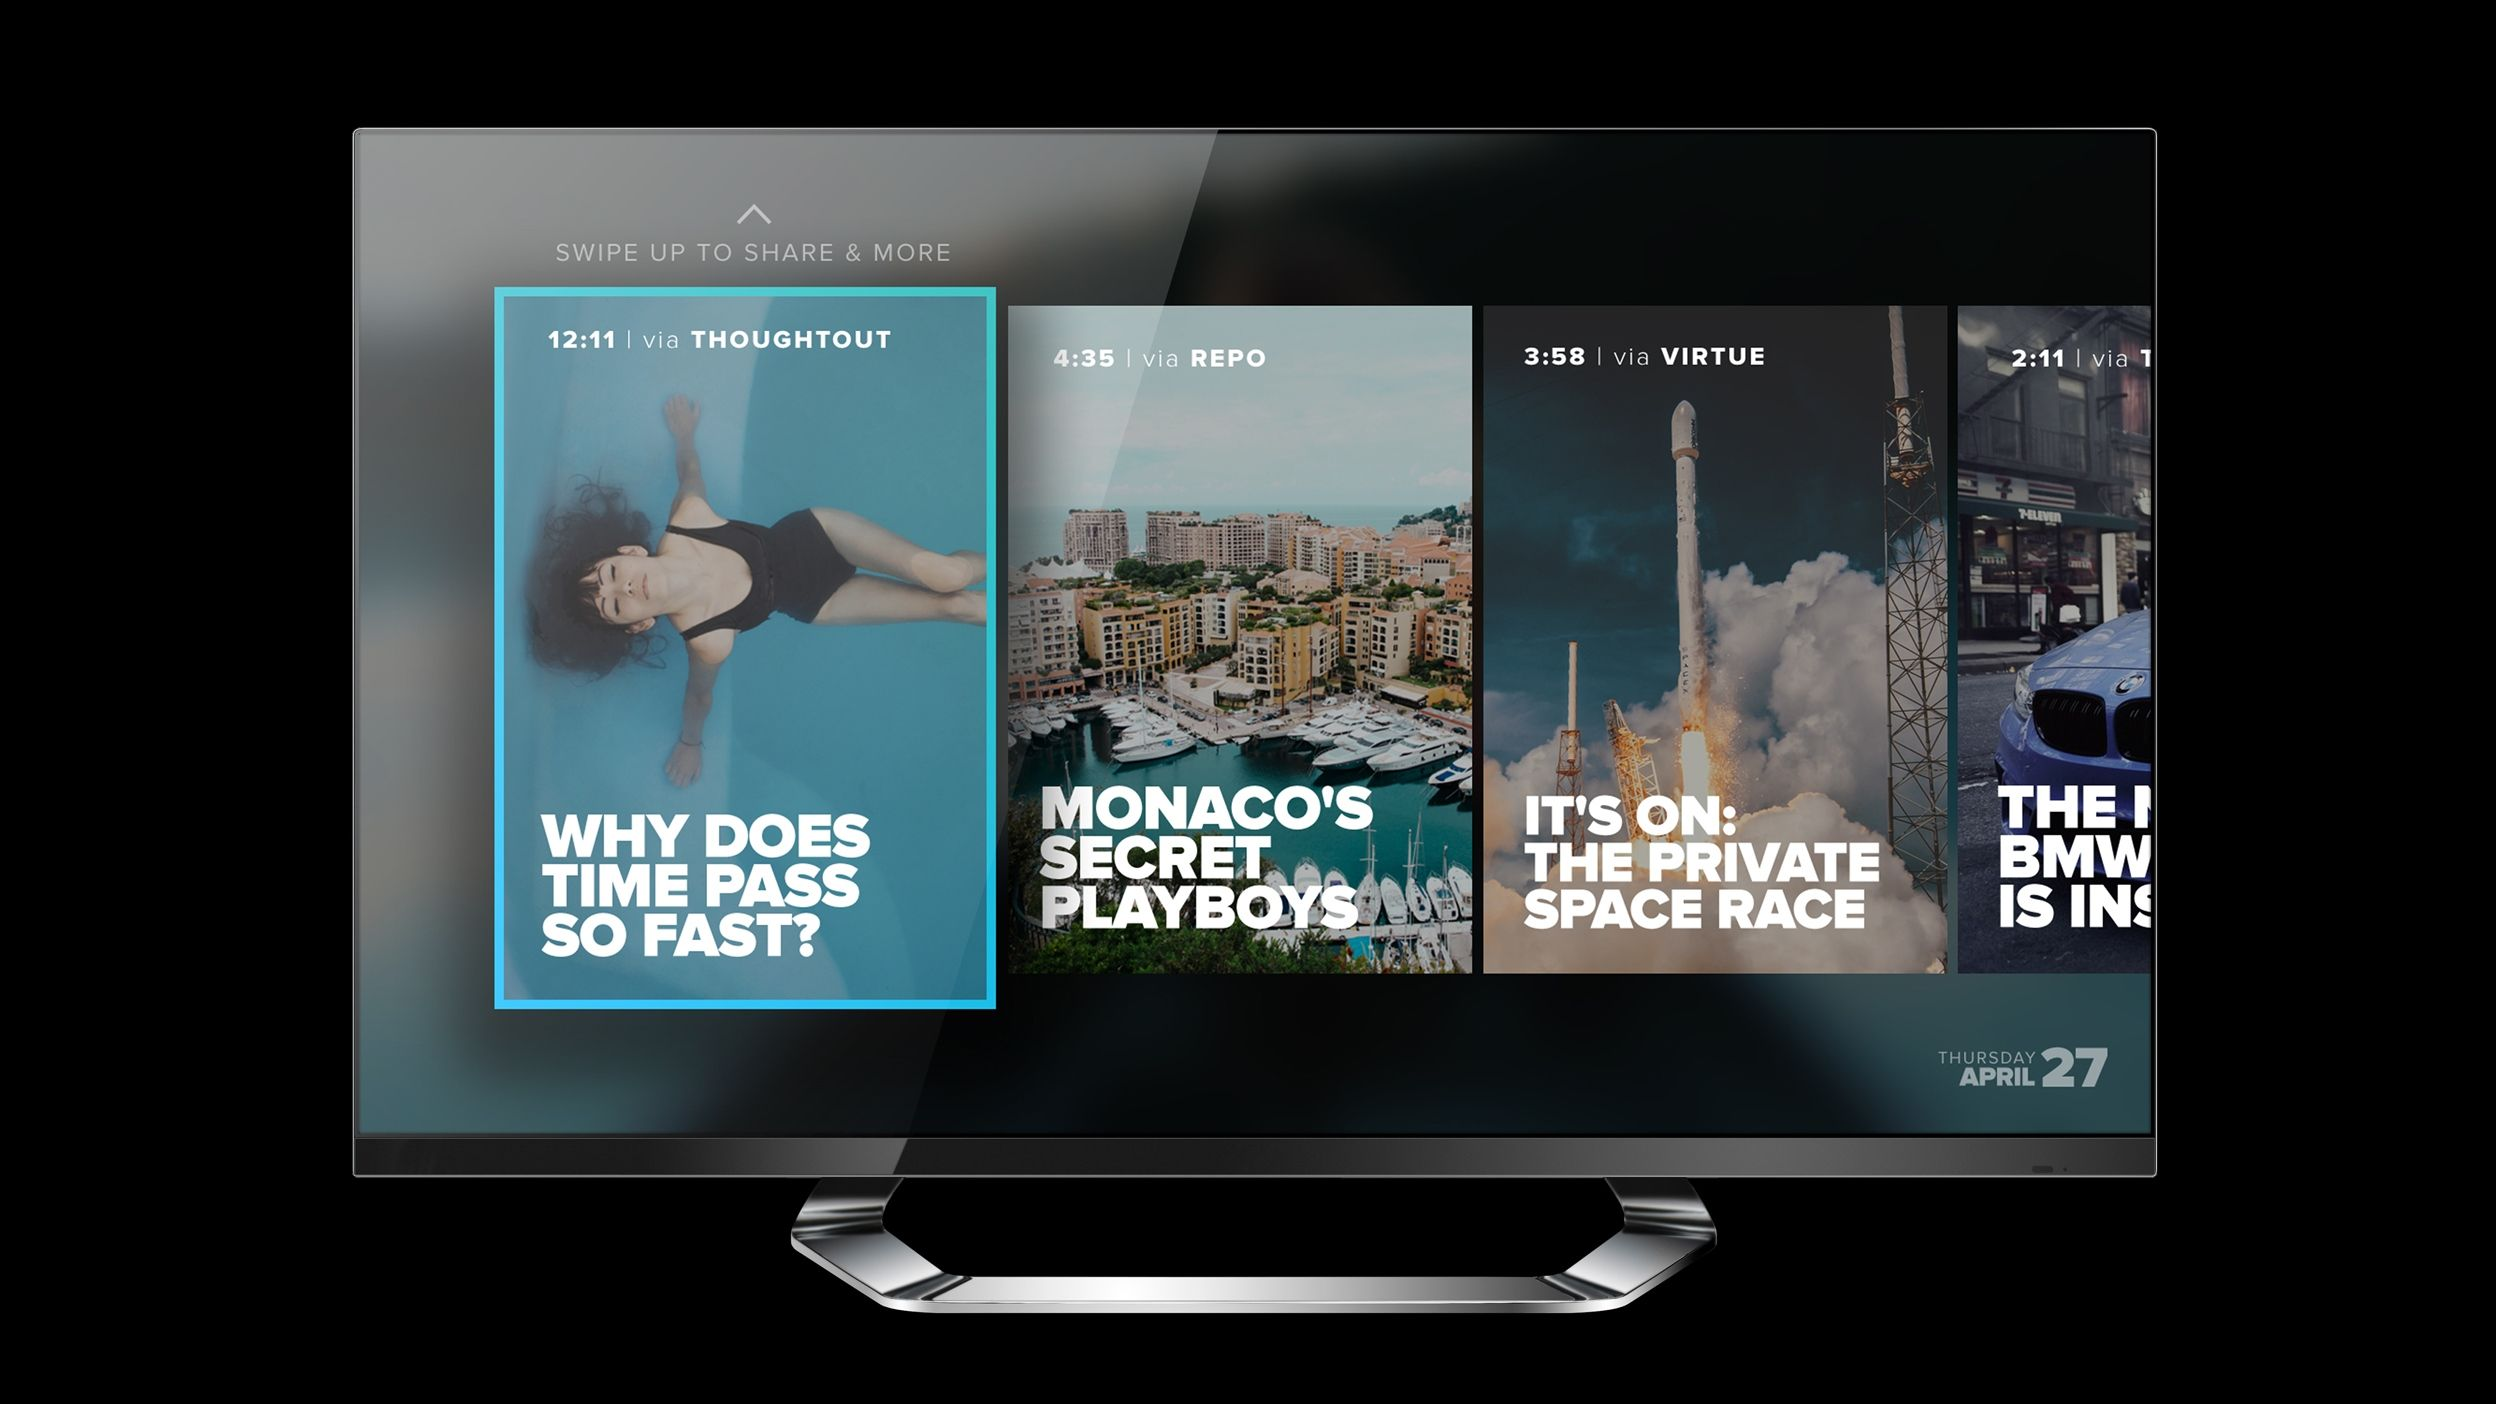 Bildresultat för hyper app apple tv